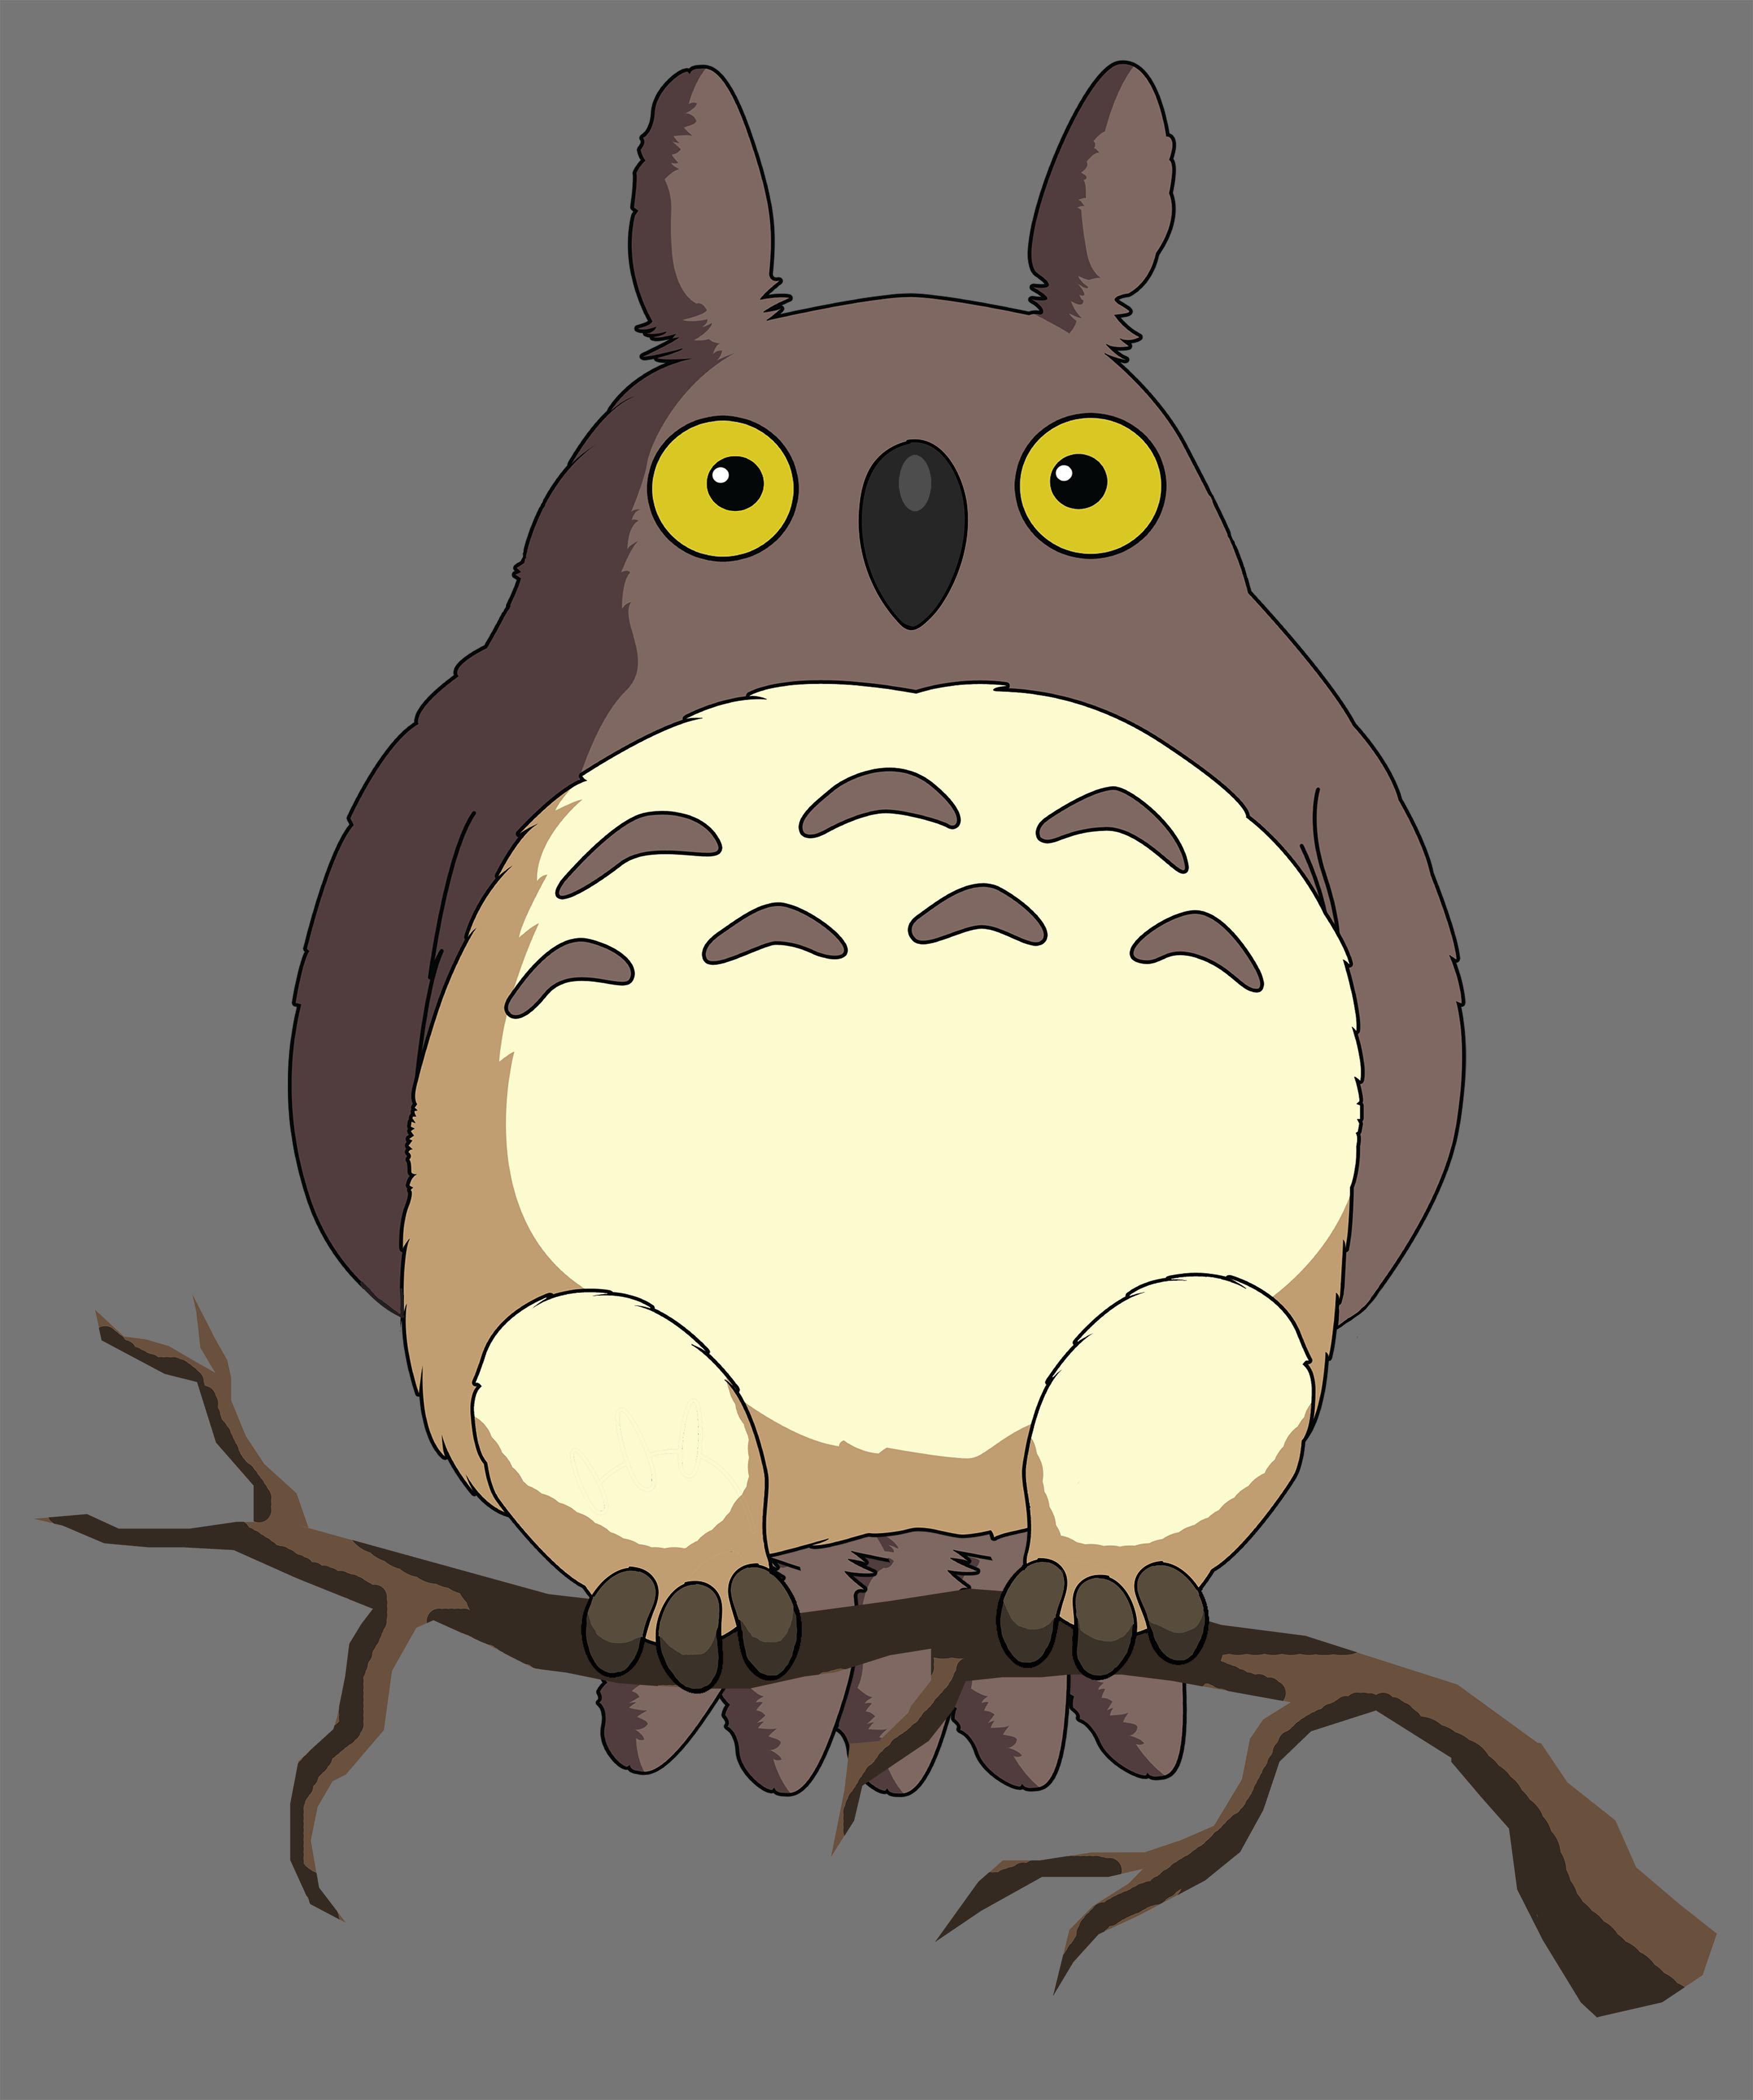 Totoro-owl